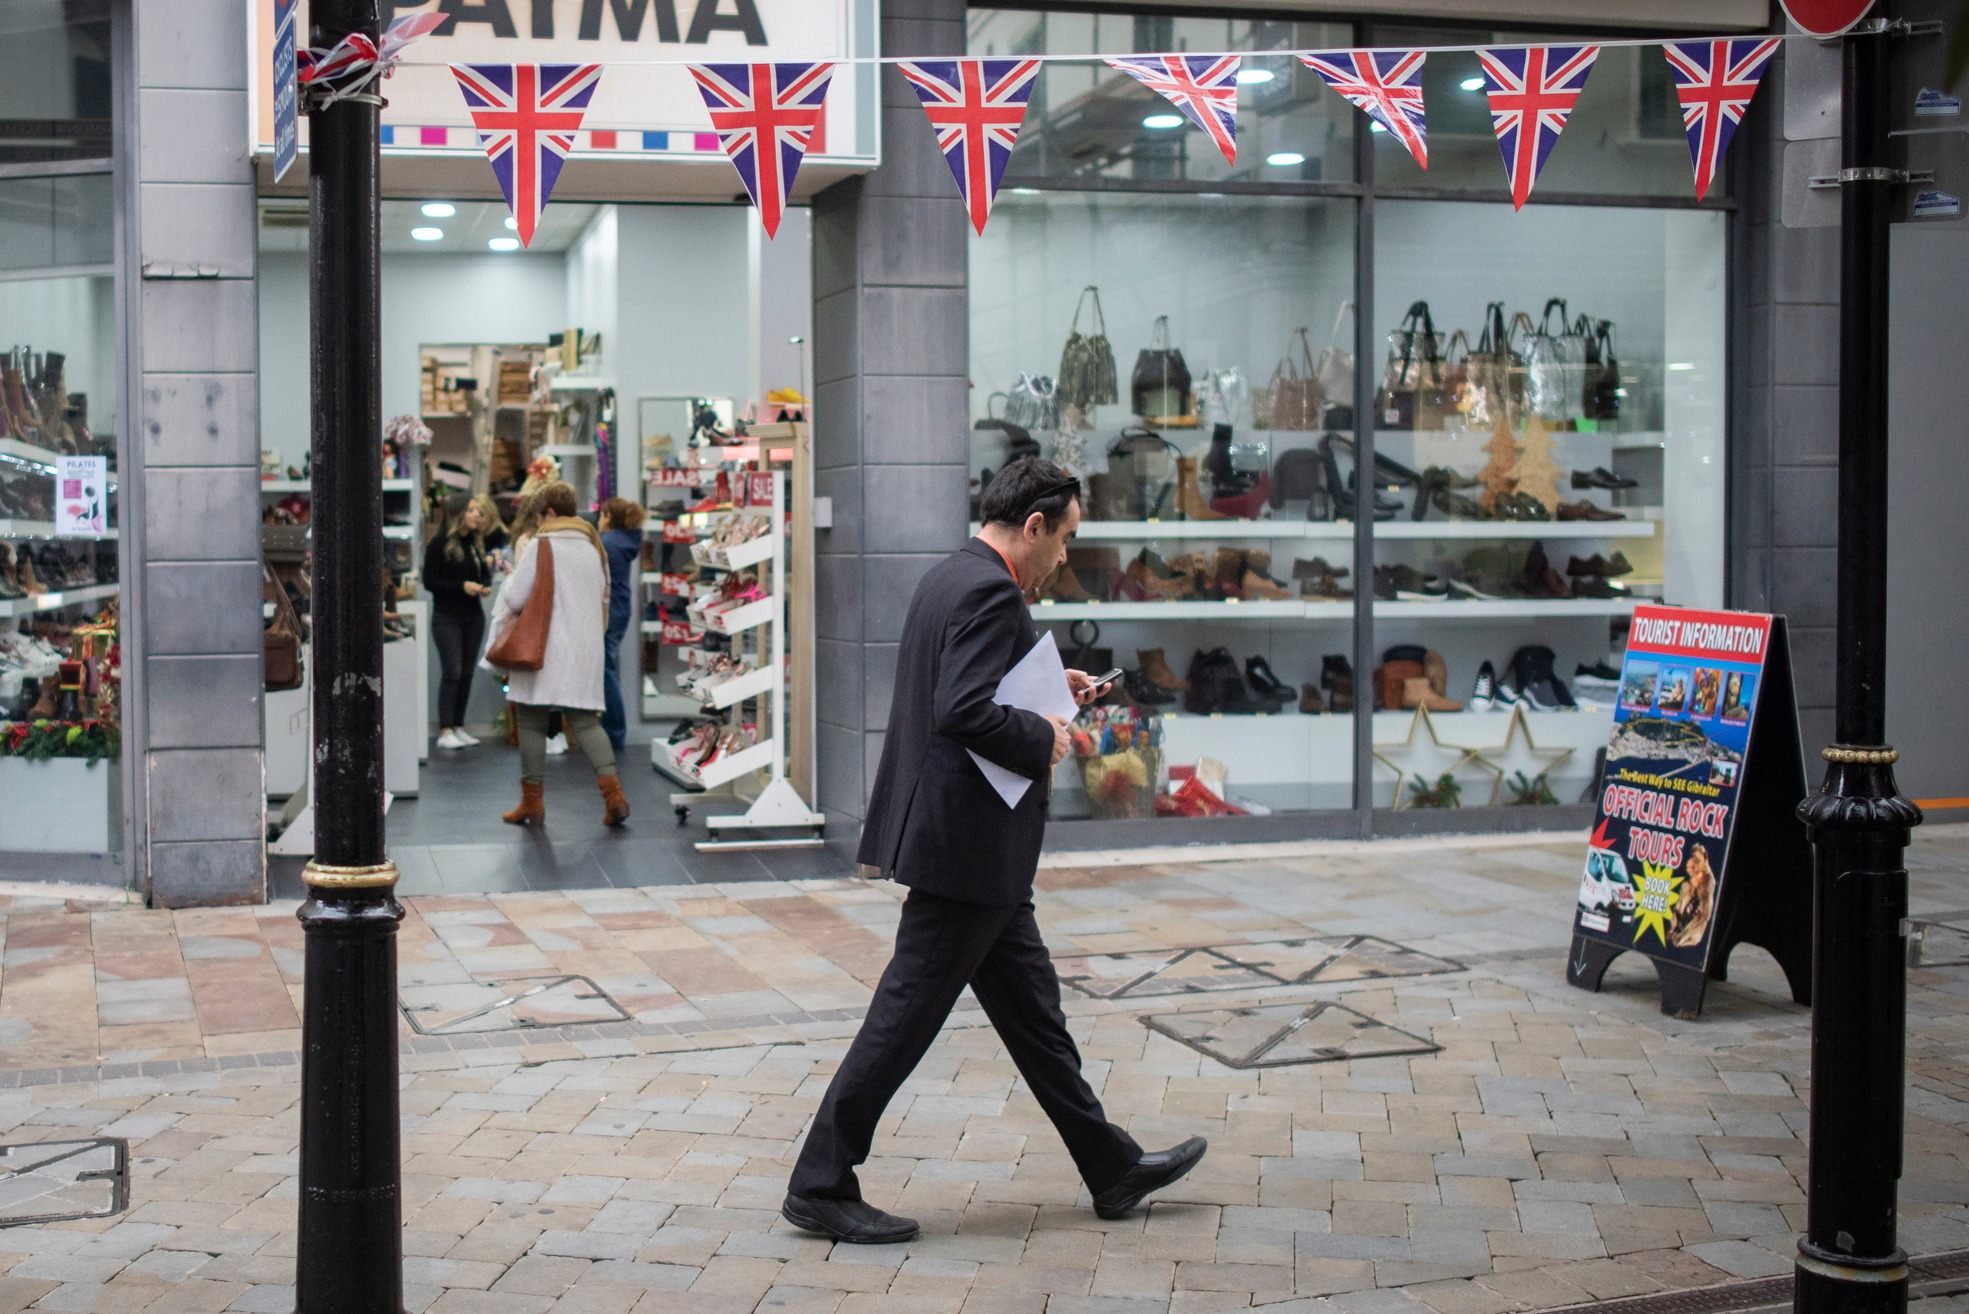 Un ciudadano pasea por una de las calles gibraltareñas. Marcos Moreno